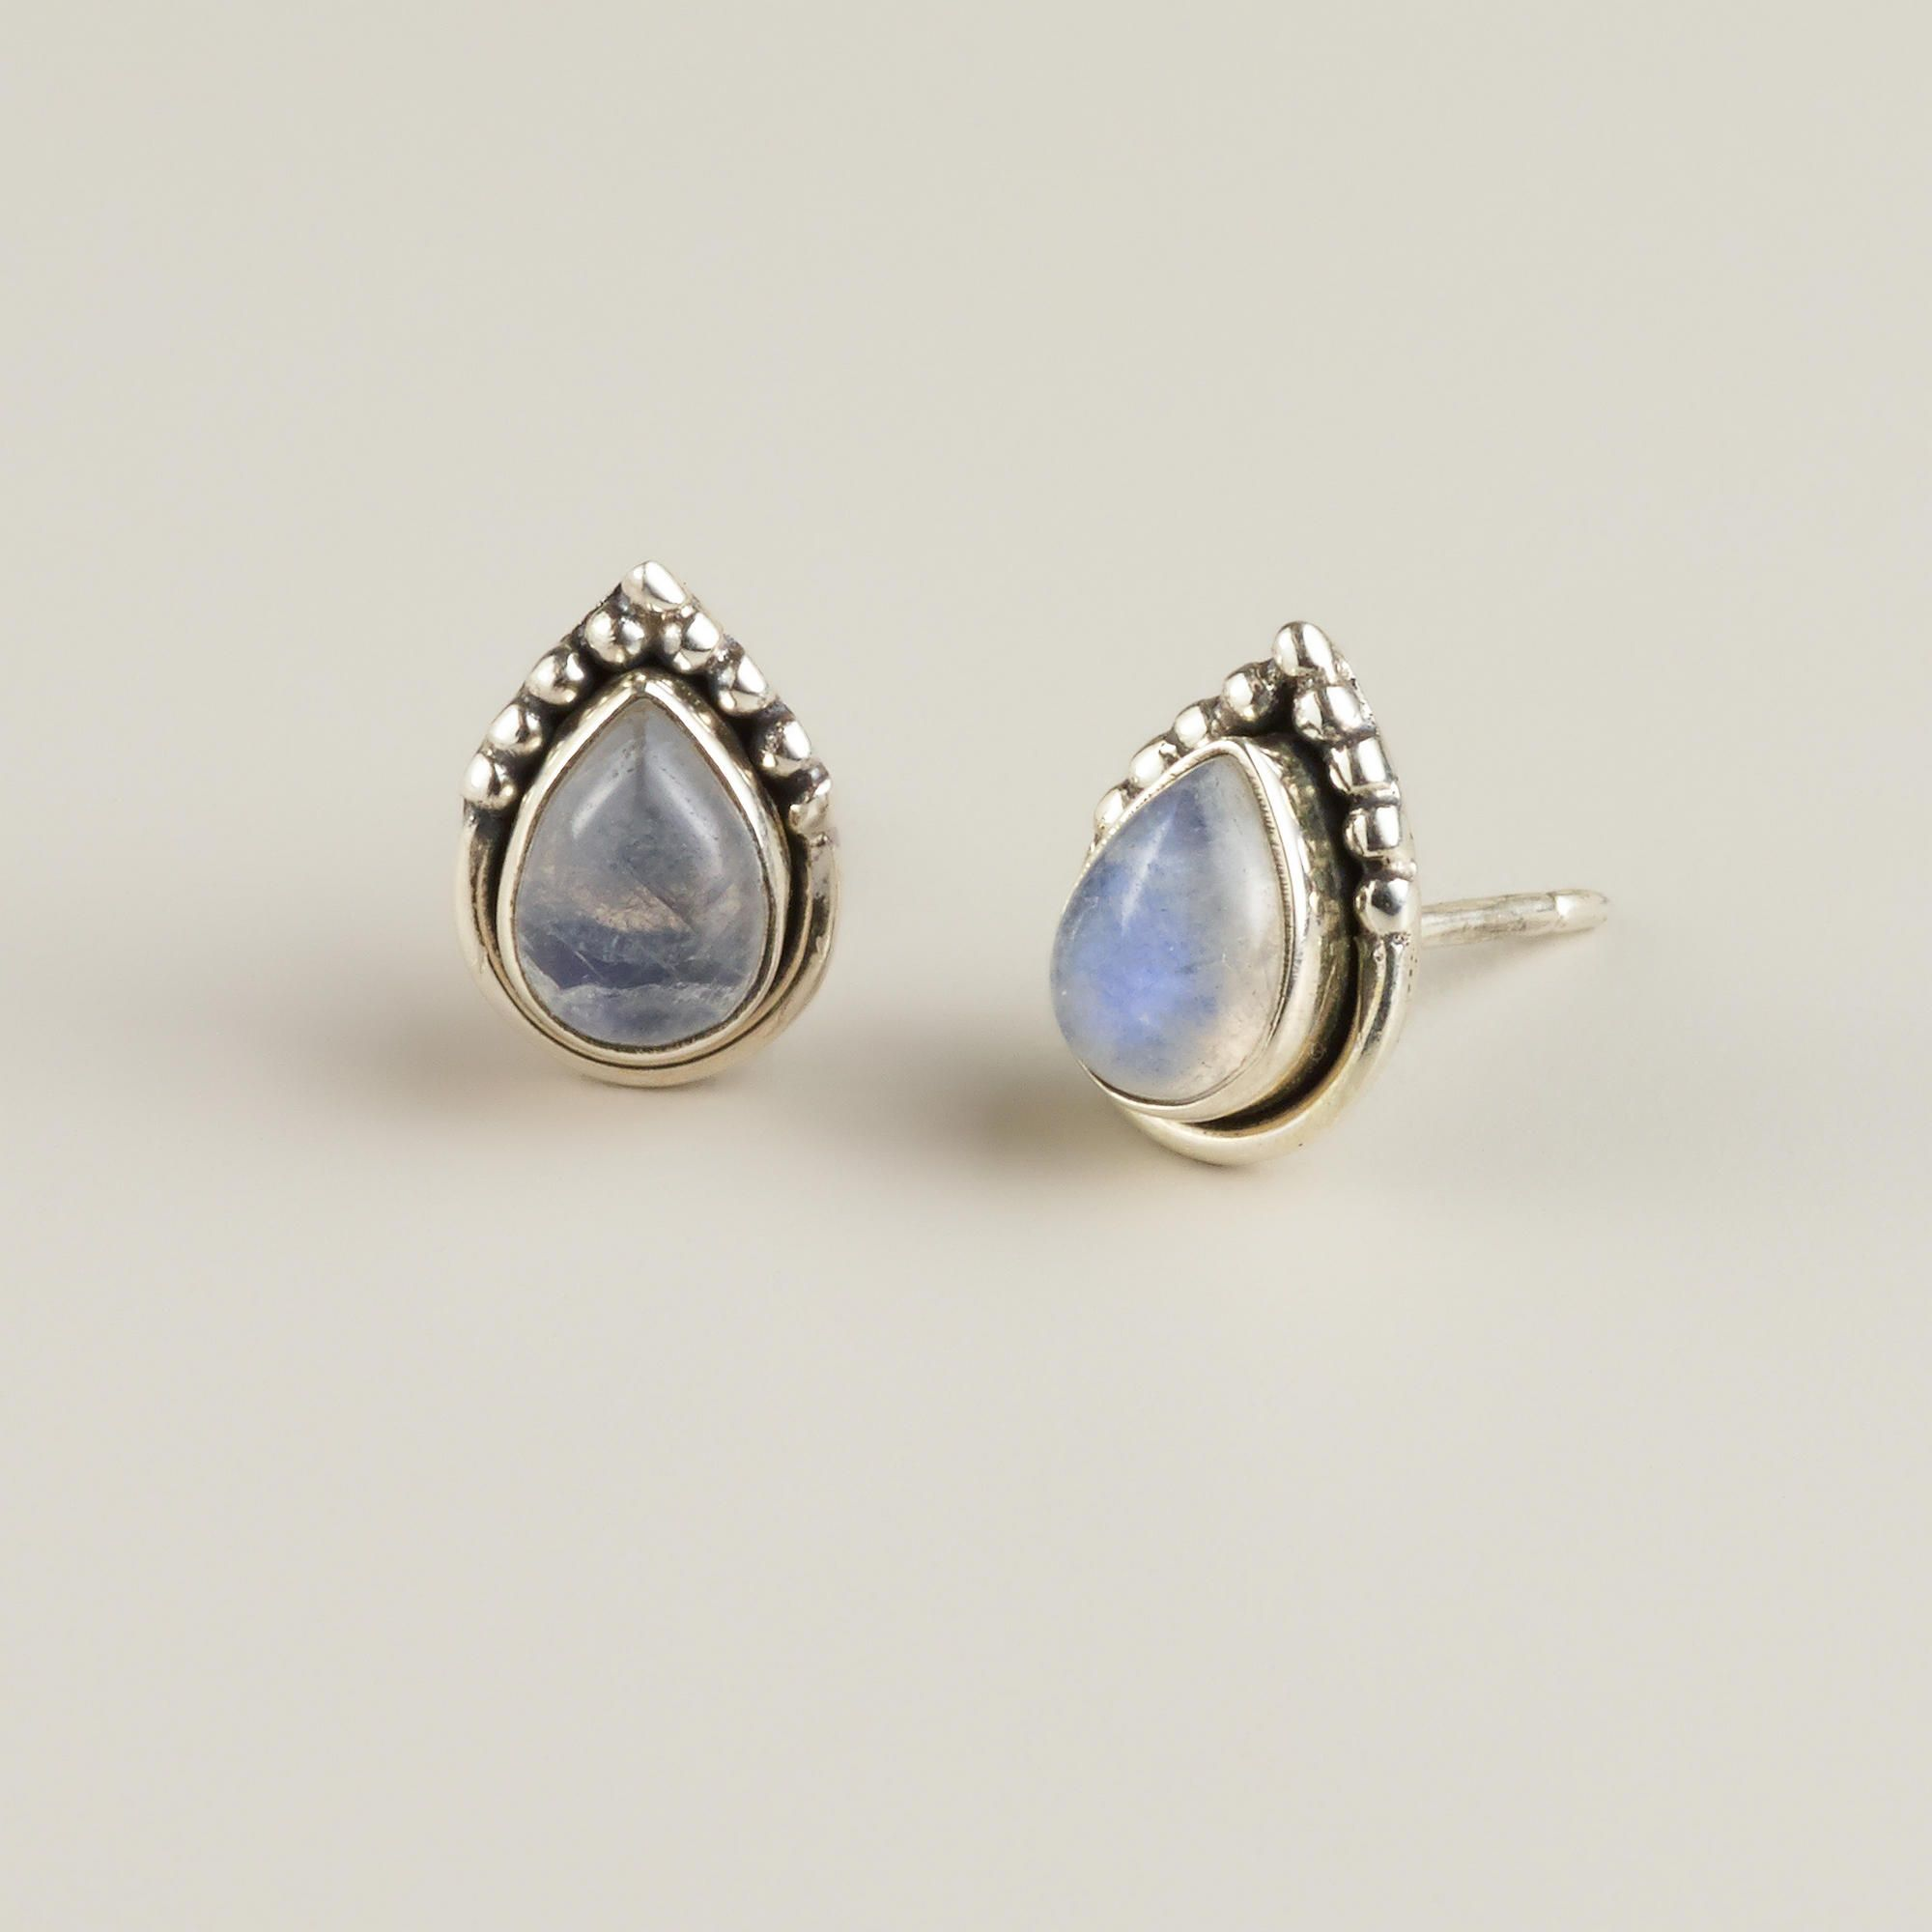 Sterling Silver and Moonstone Teardrop Stud Earrings ...